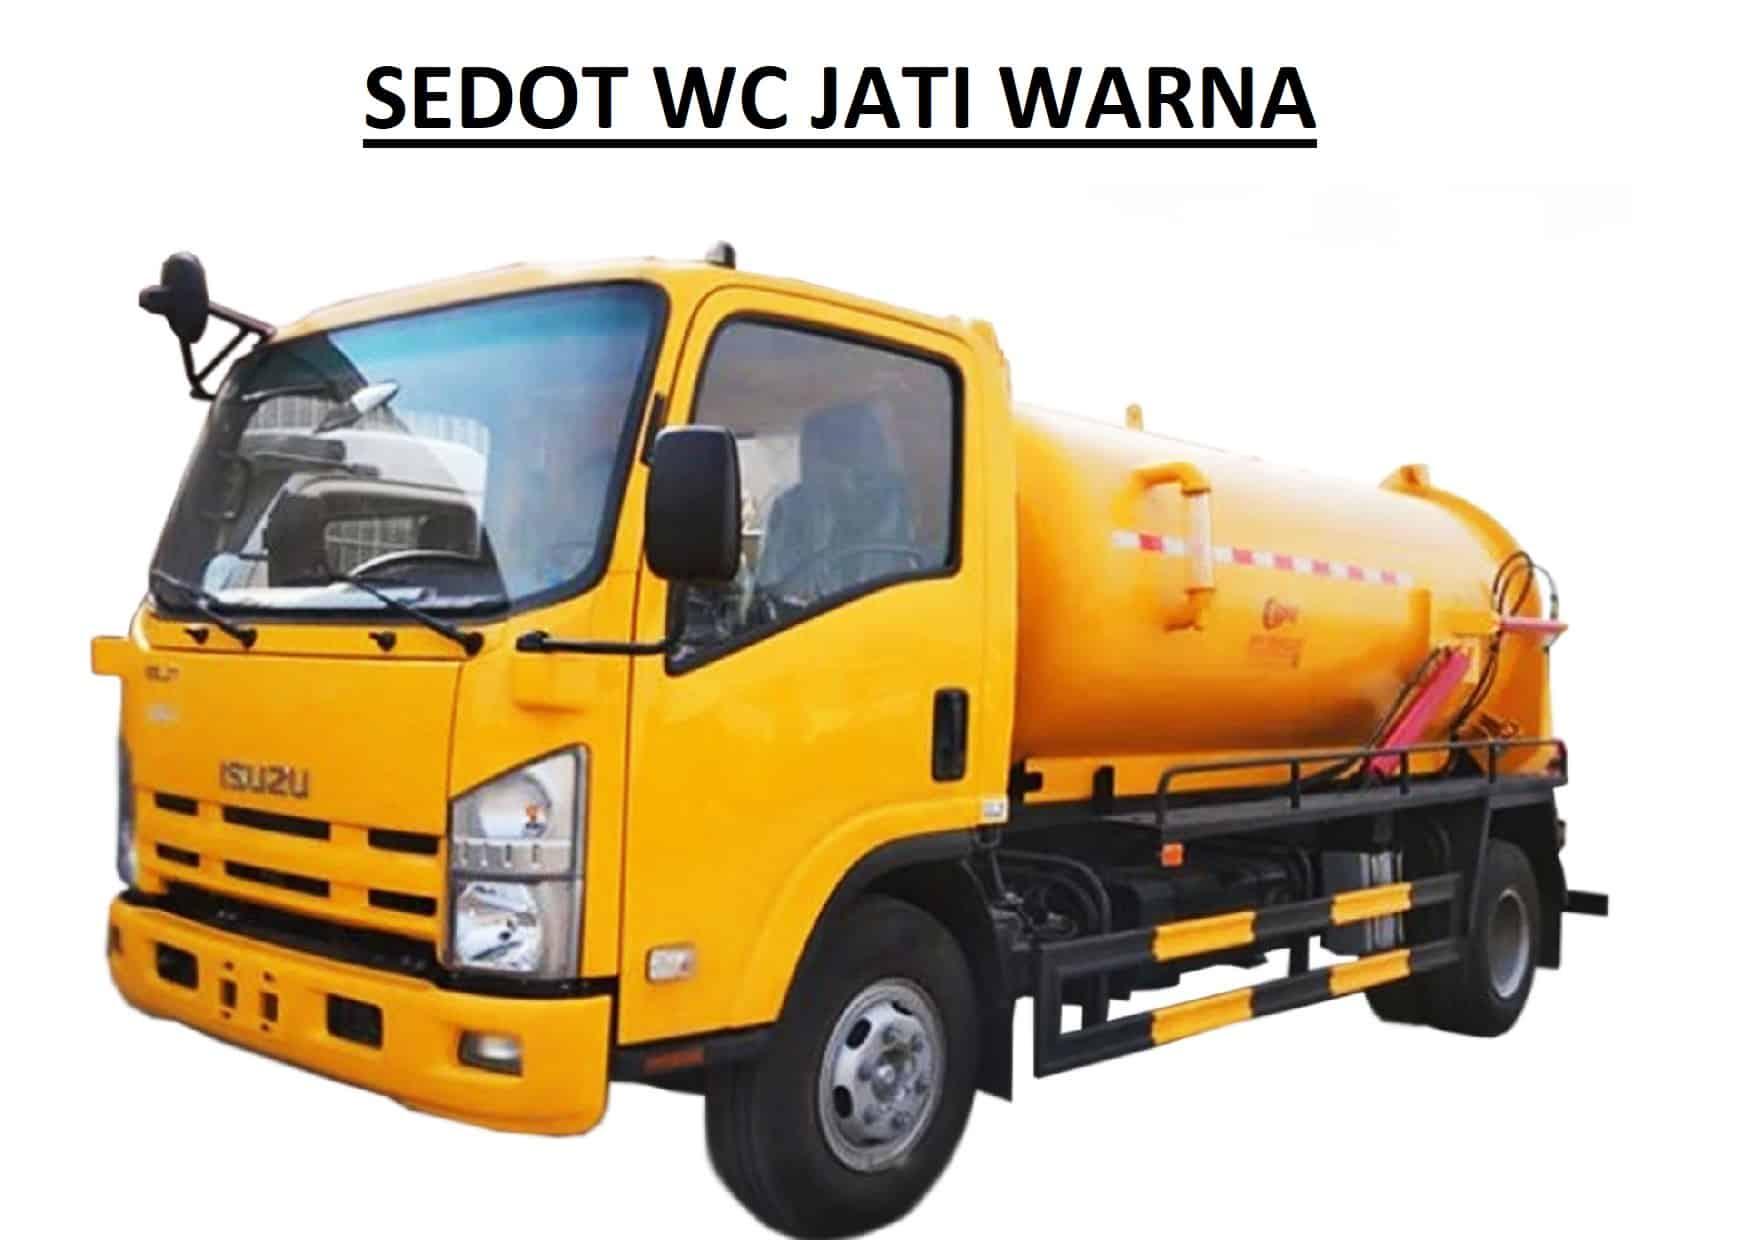 Sedot WC Jati Warna